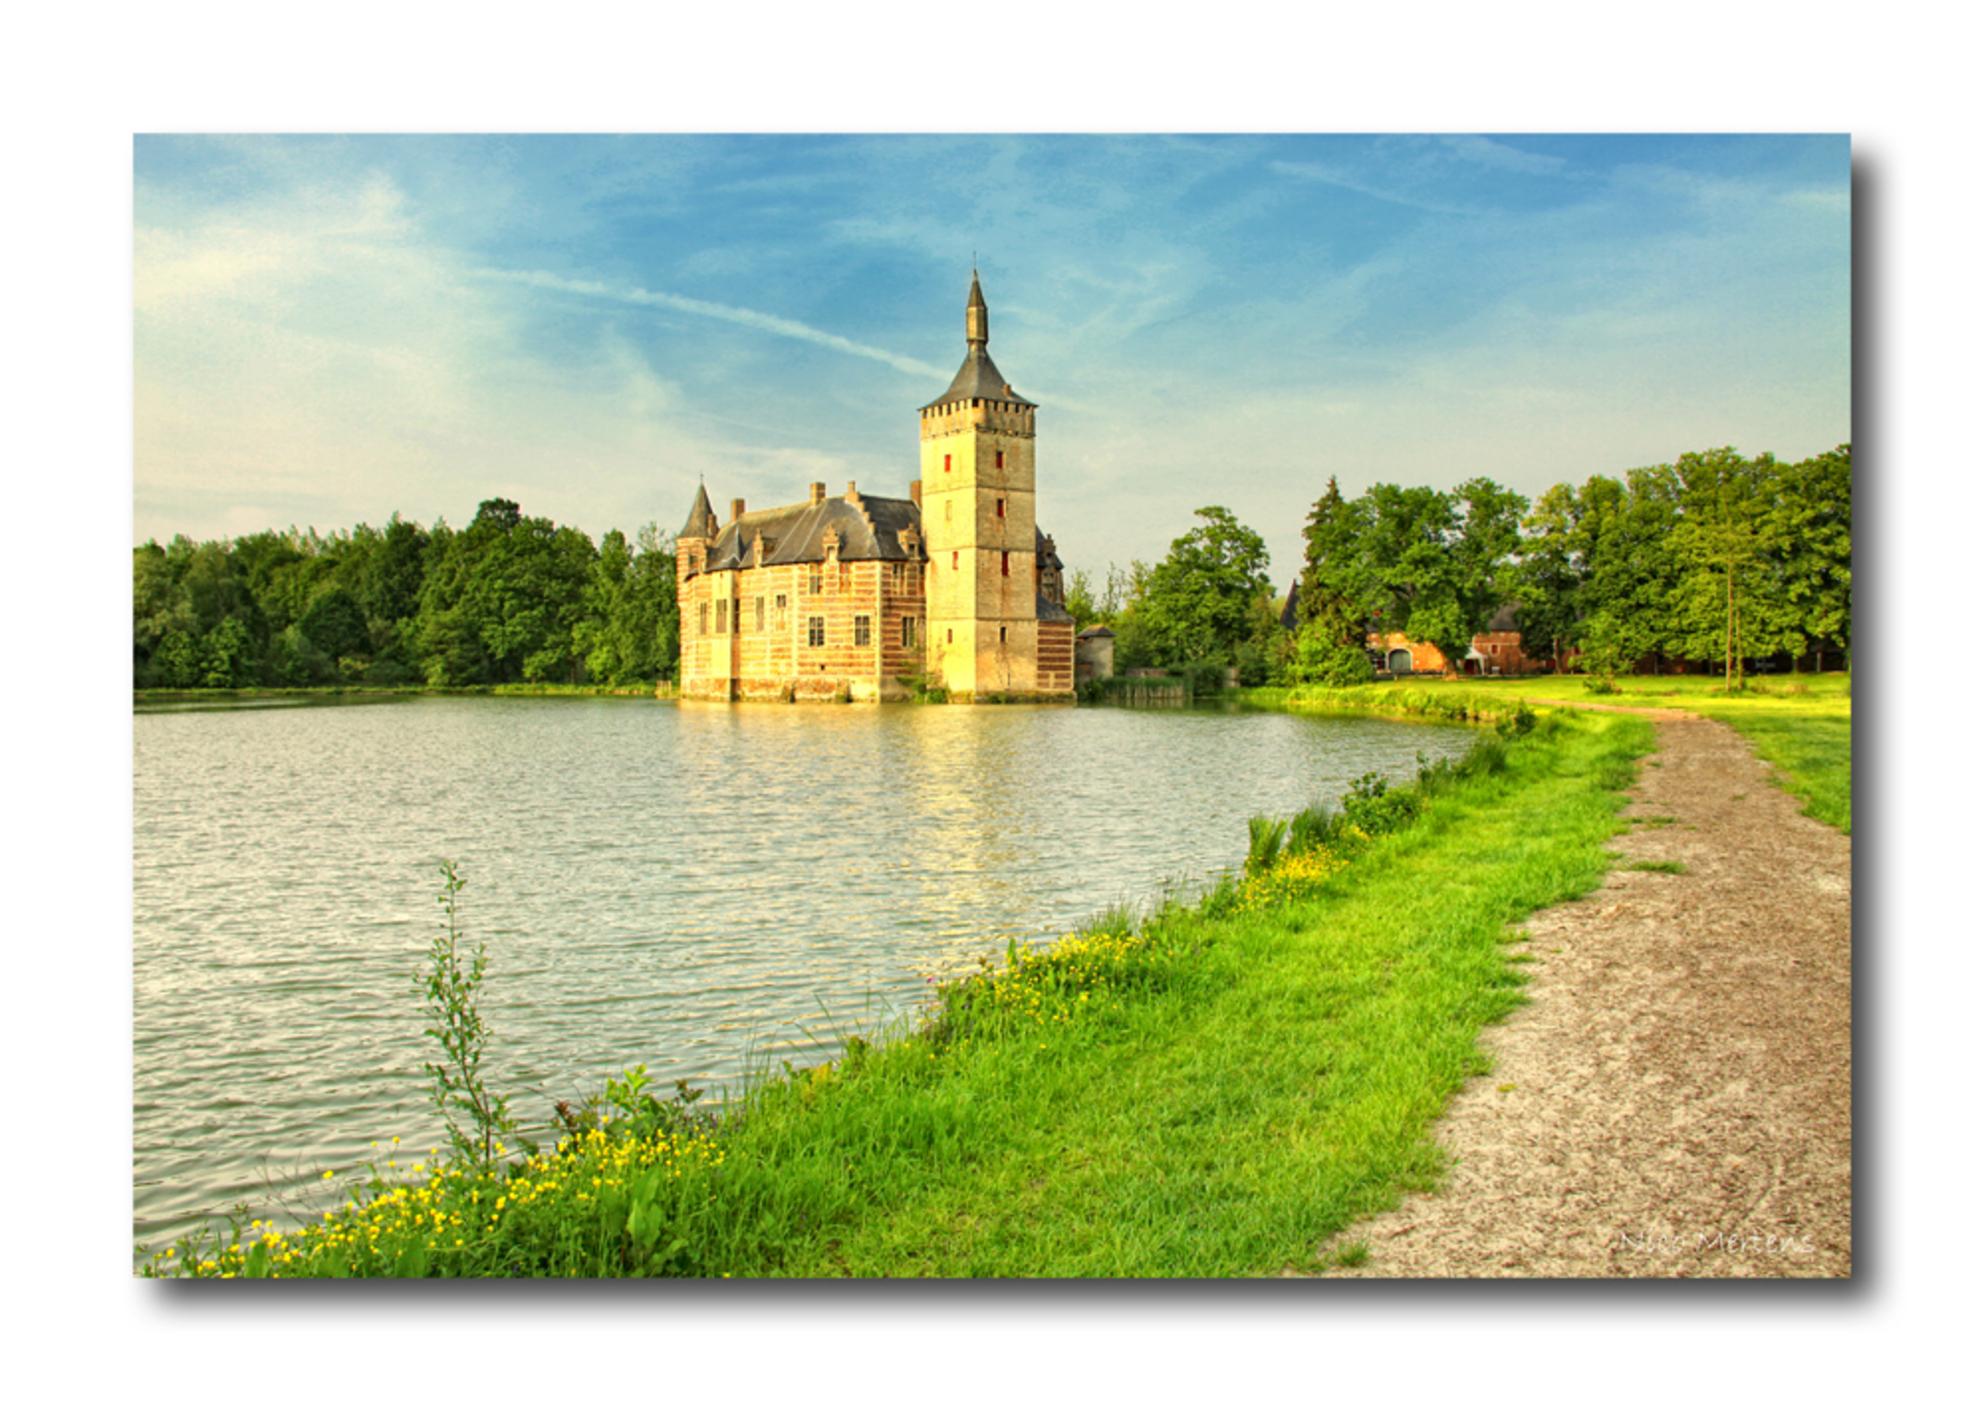 Kasteel van Horst 2!! - Hallo... nog eentje van kasteel van Horst...   iedereen ook bedankt voor de reacties bij mijn vorige foto...  Grtz, Nico - foto door smeagol op 20-06-2010 - deze foto bevat: smeagol, kasteel van Horst, Eos 50D - Deze foto mag gebruikt worden in een Zoom.nl publicatie